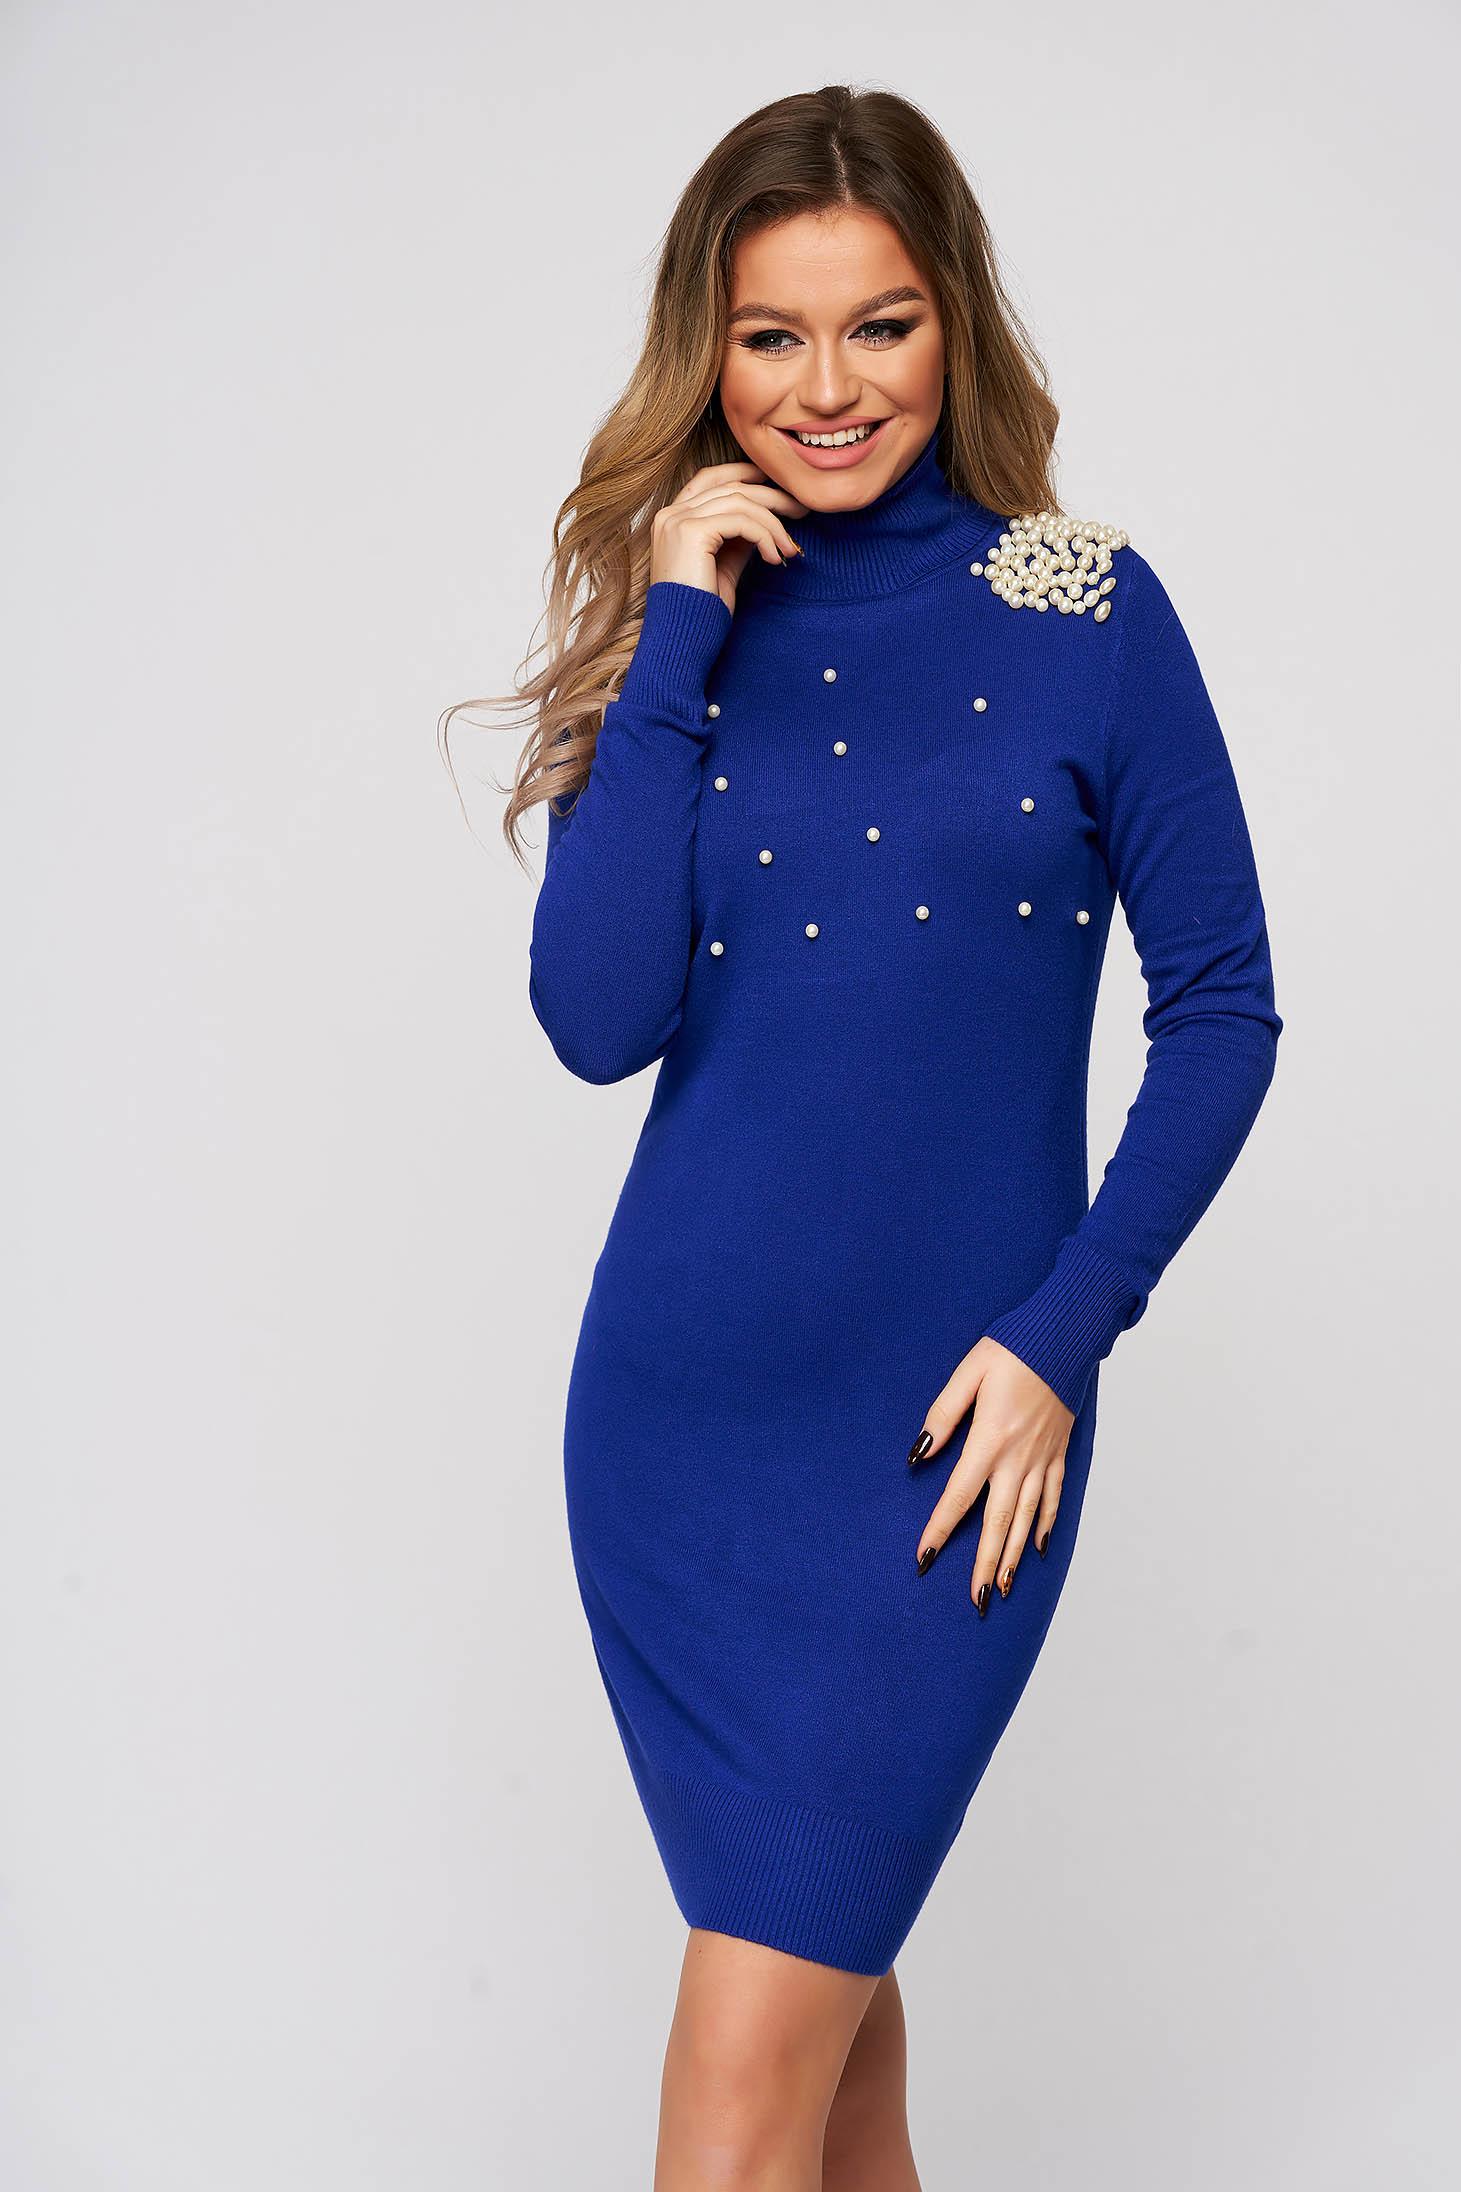 Rochie albastra tricotata, scurta, cu un croi mulat si aplicatii cu perle